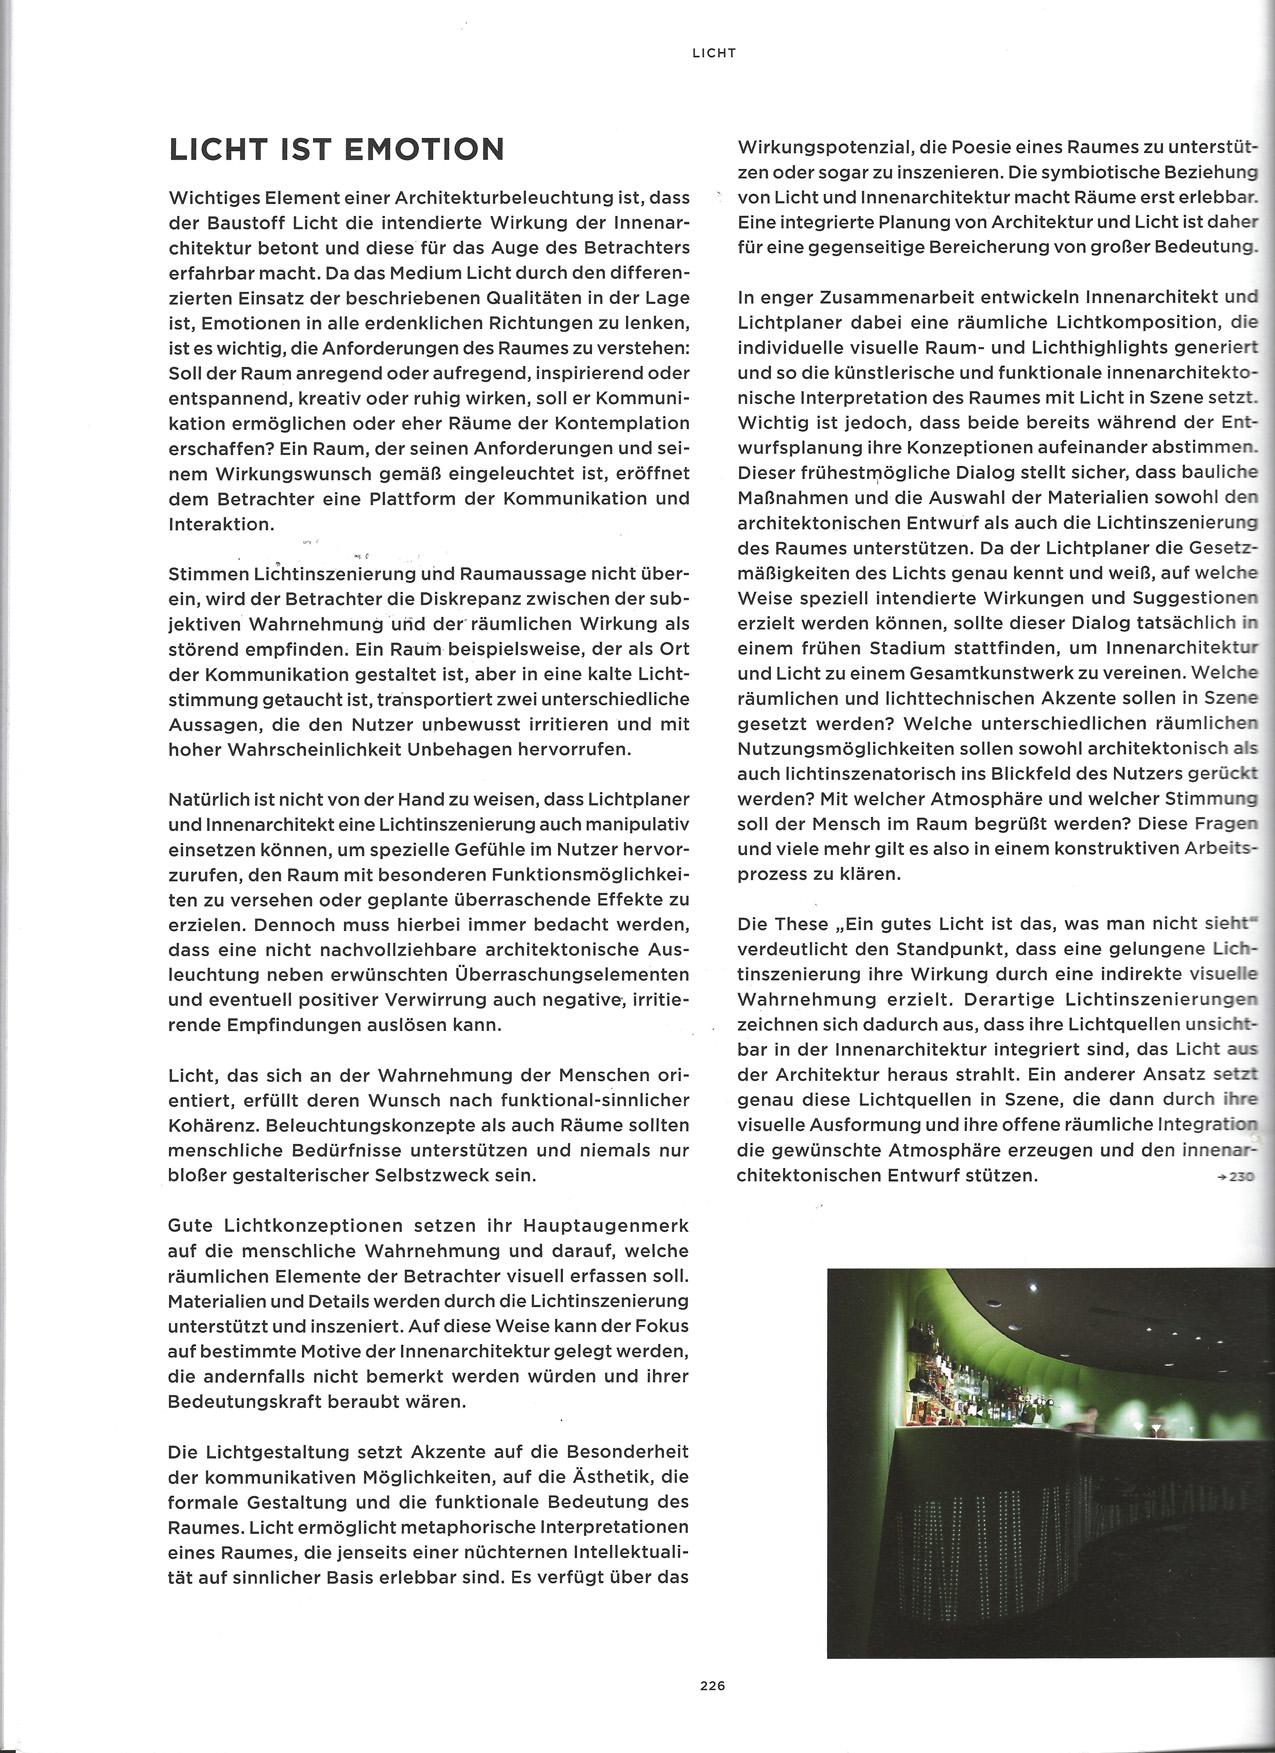 Auszug Thema Licht :  Das Buch Innenräume Entwerfen ,aus den Birkhauser Verlag